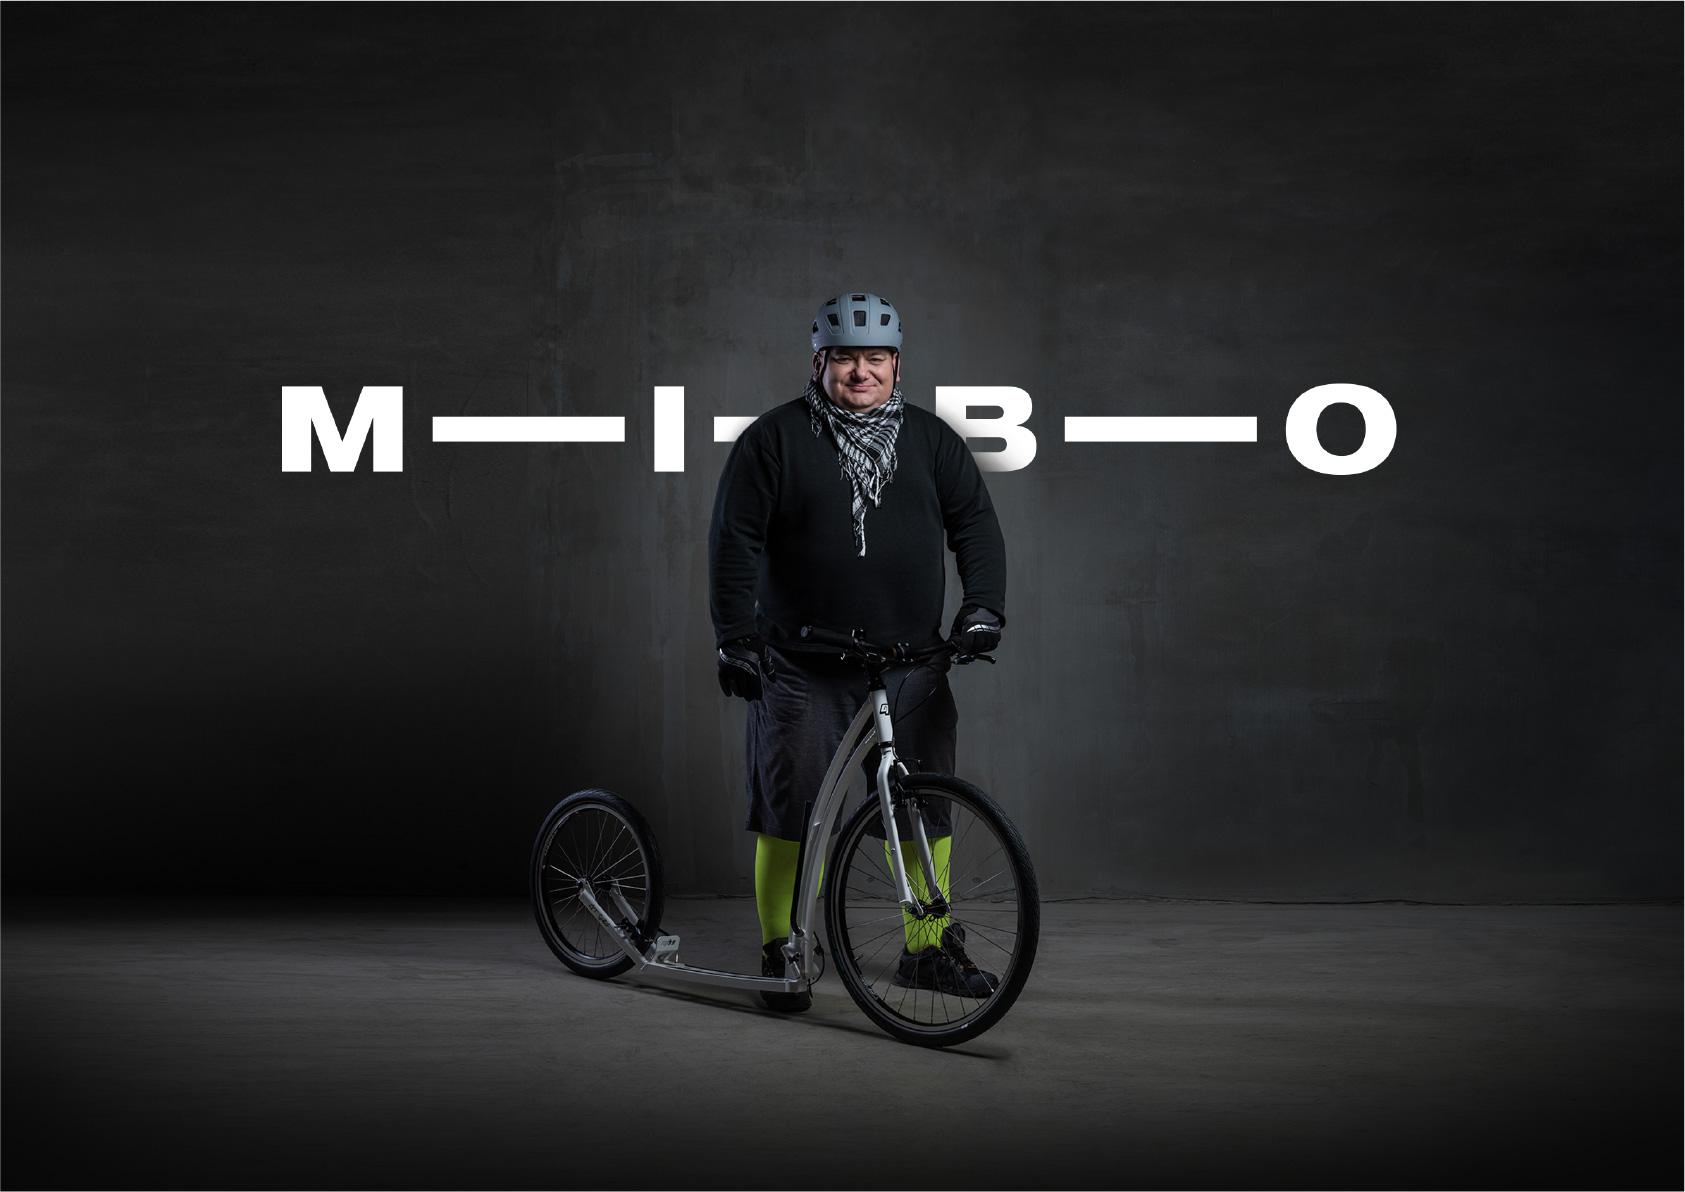 mibo_logo